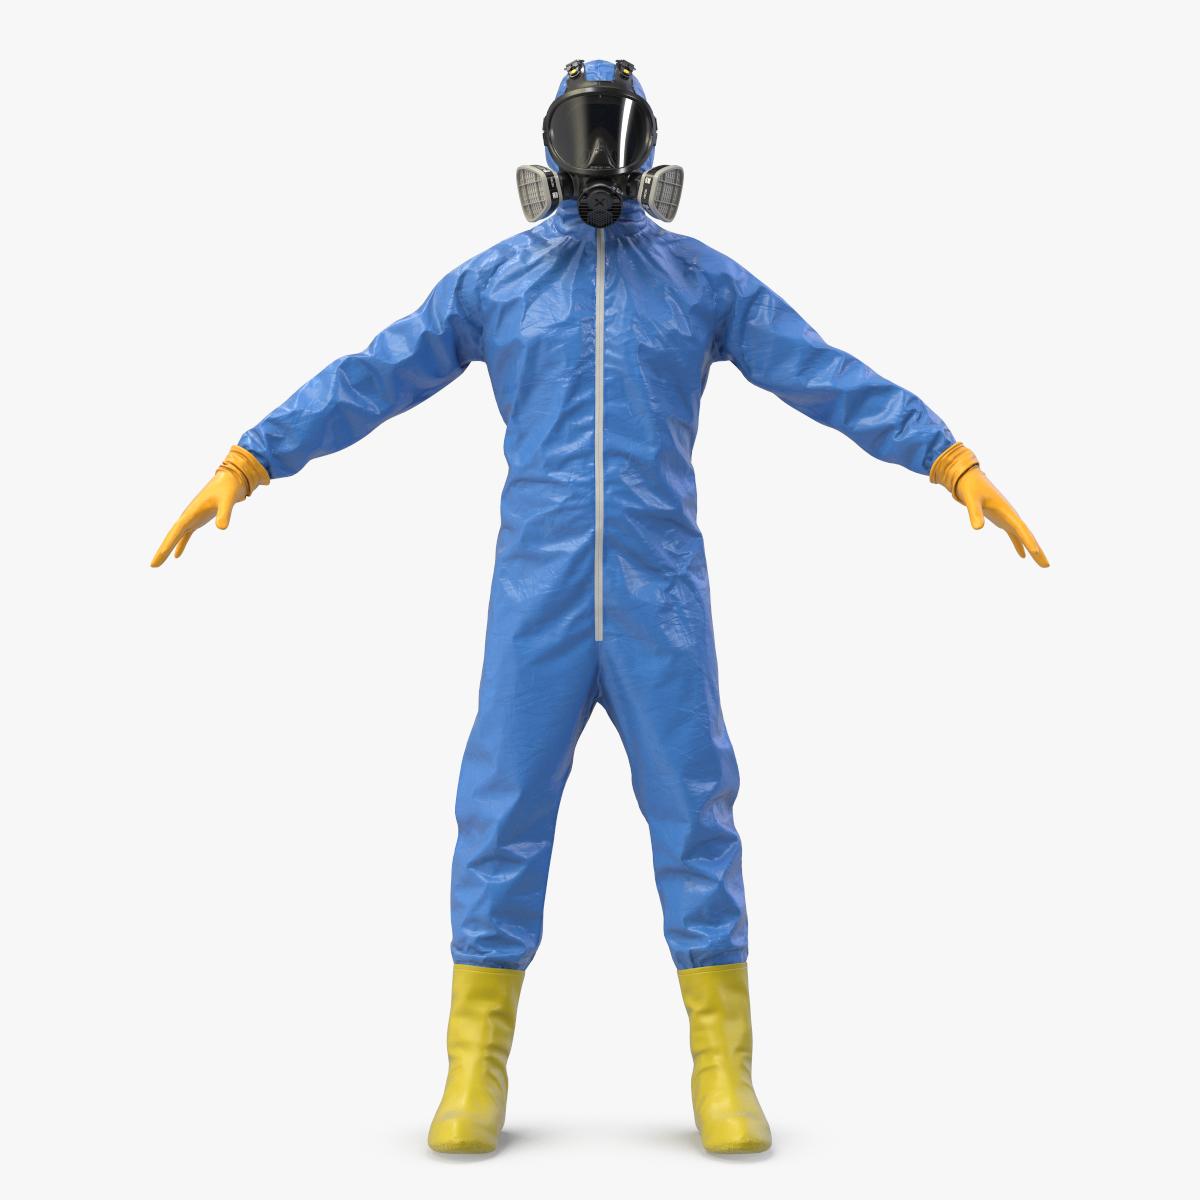 blue-hazmat-worker-clothes-3D-model_Z.jp